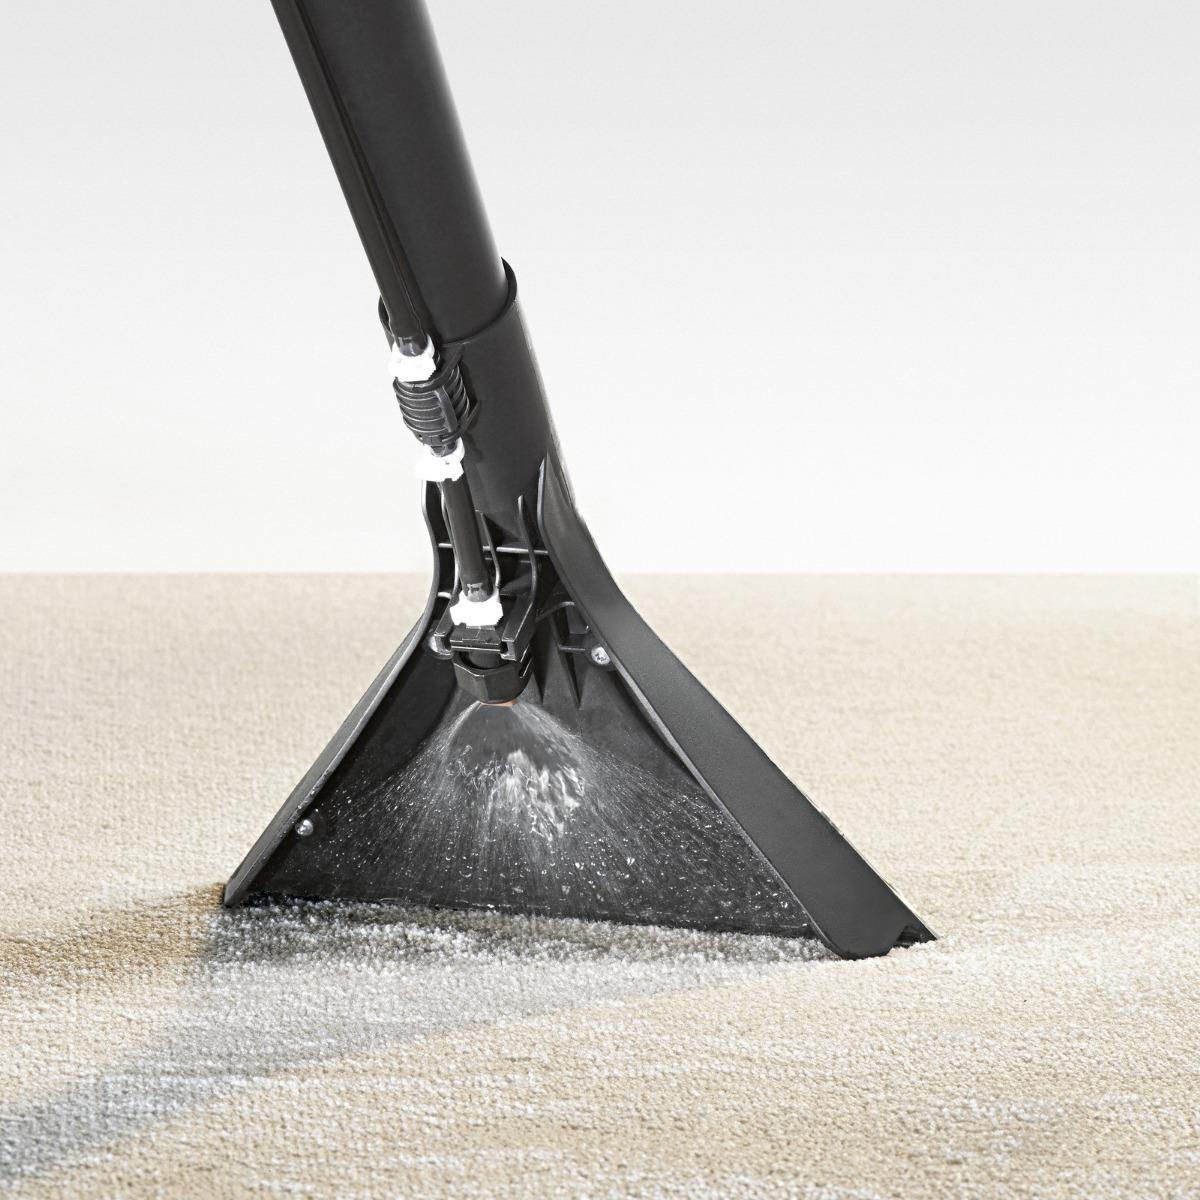 Detergente Em Pó Para Extratora Carpete Estofados Karcher